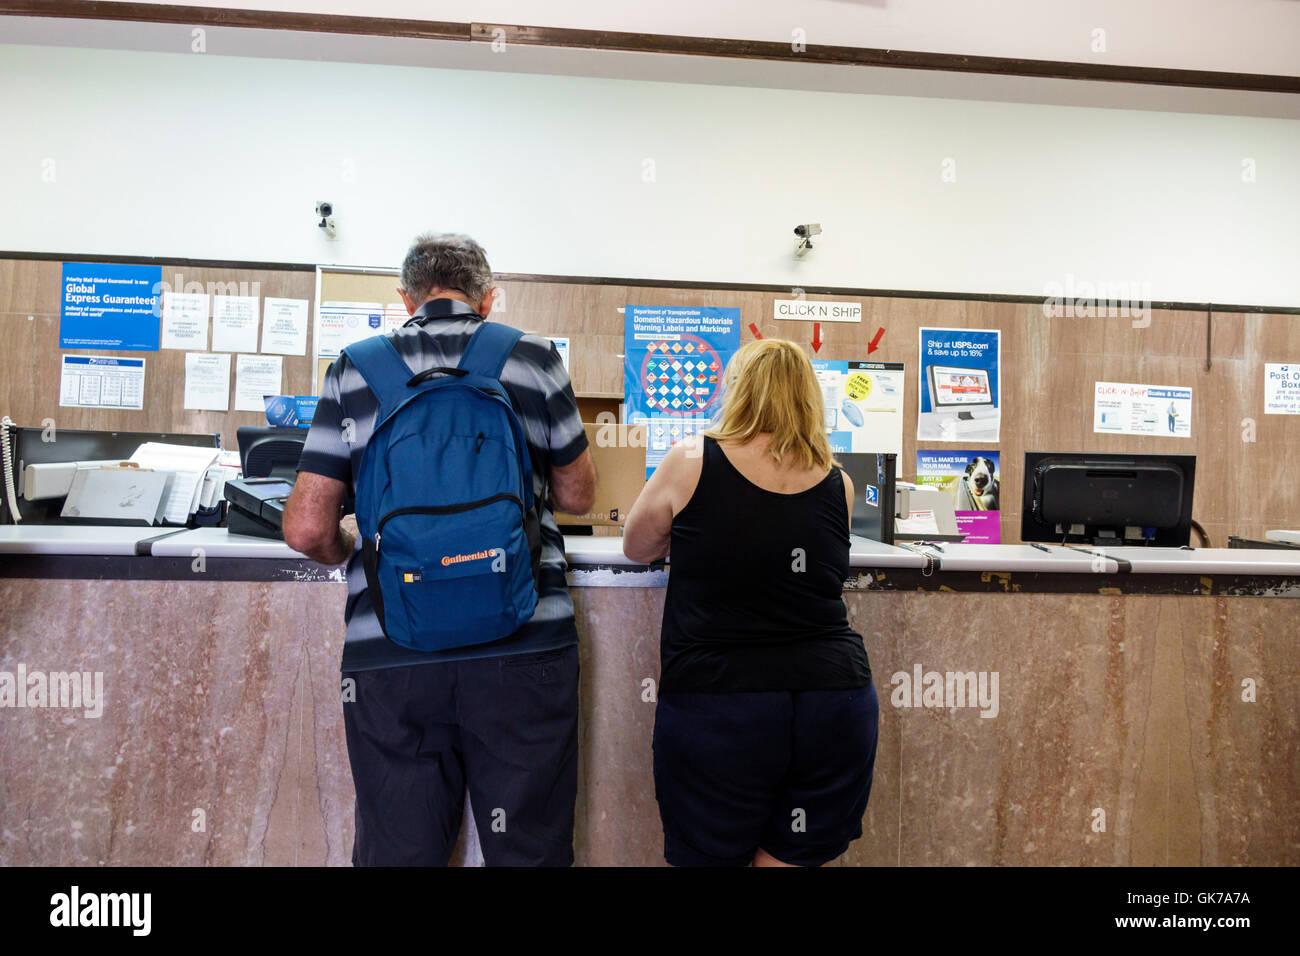 Postal Service Counter Stock Photos & Postal Service Counter Stock